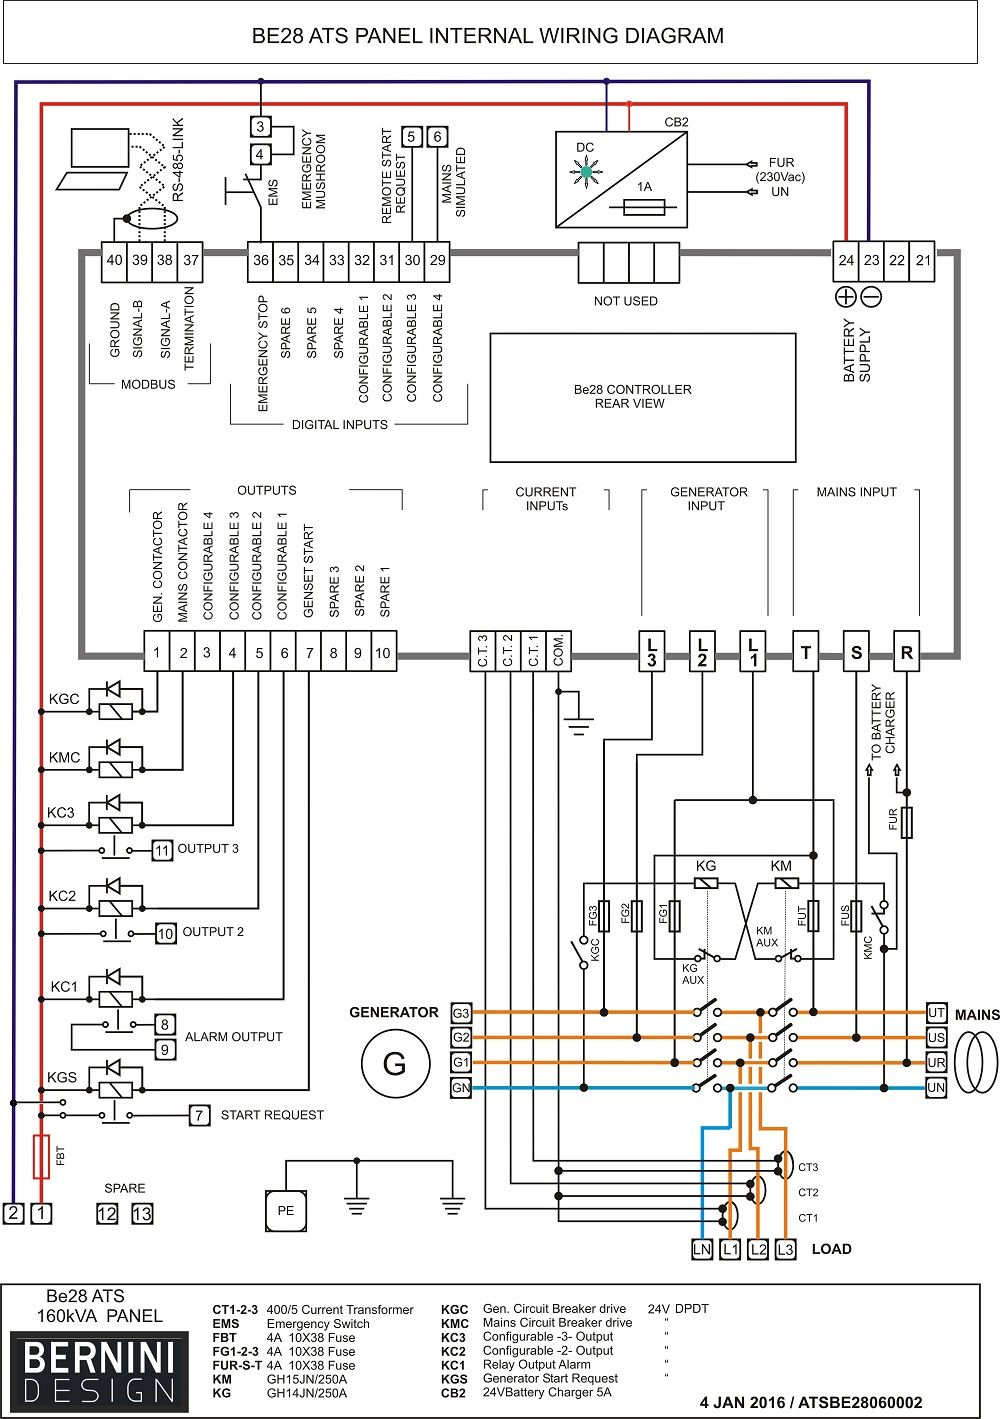 26 Good Electrical Panel Wiring Diagram Https Bacamajalah Com 26 Good Electrical Panel W Transfer Switch Electrical Panel Wiring Electrical Circuit Diagram